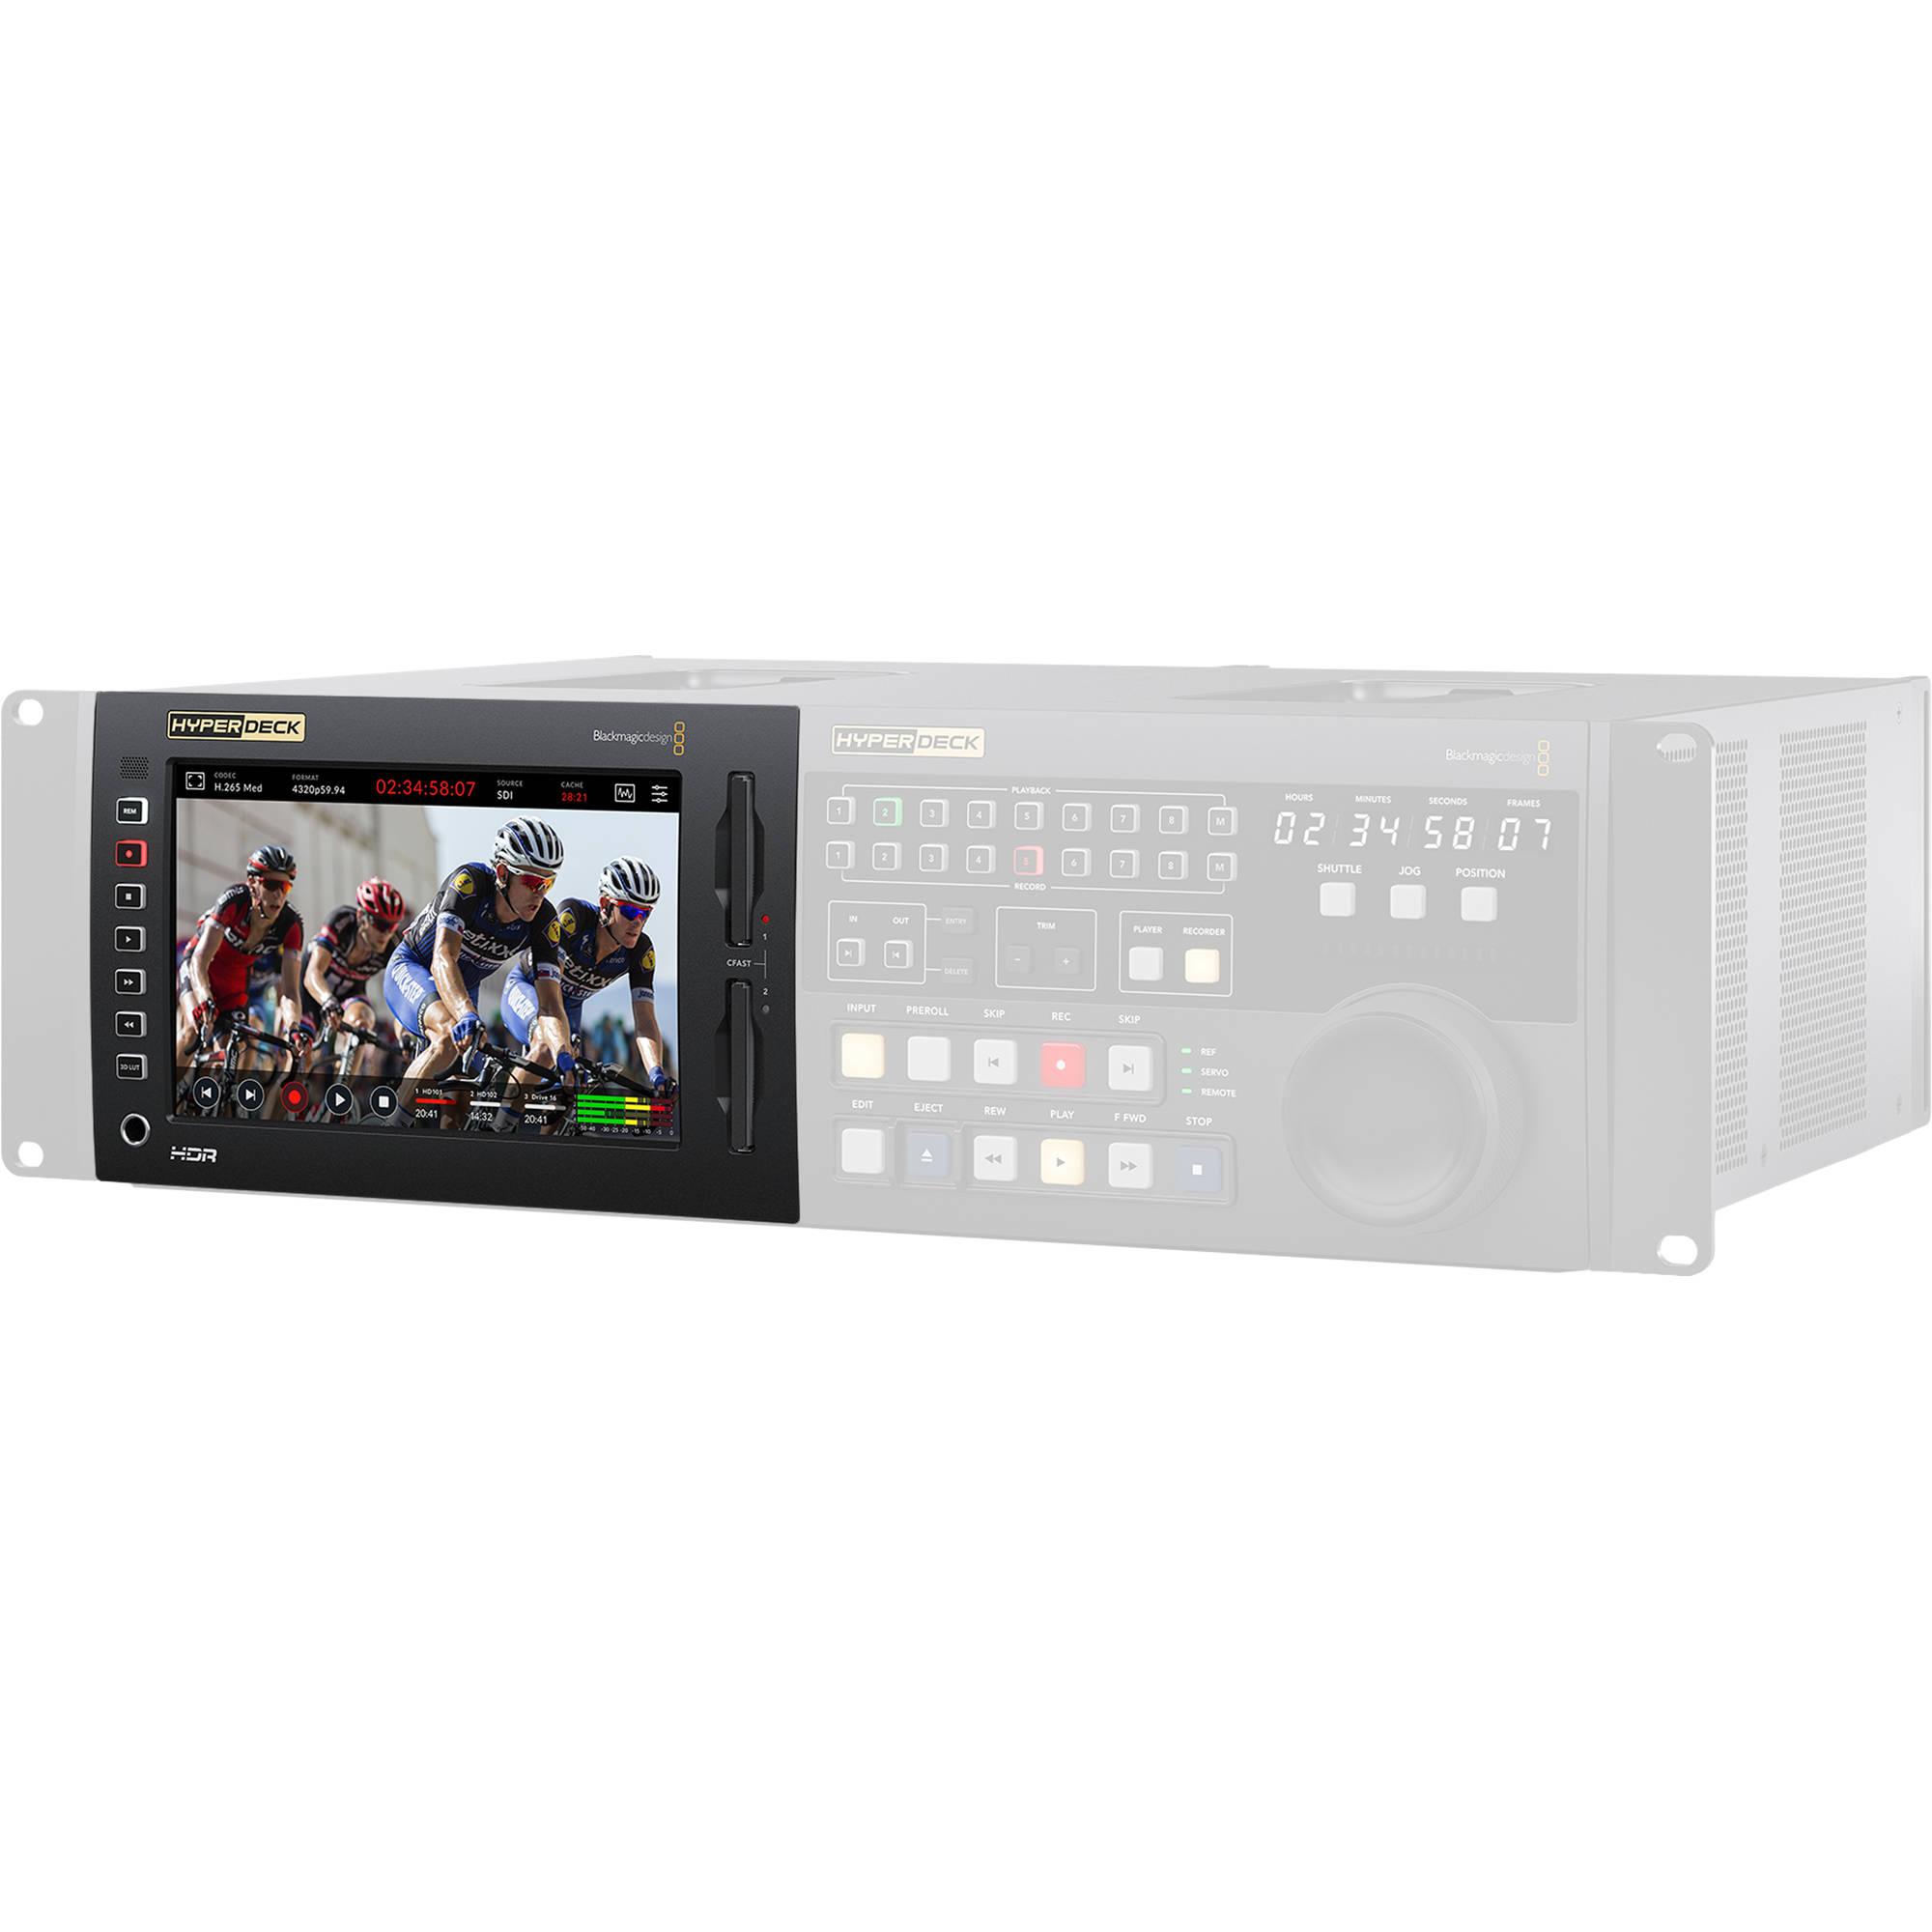 2 Blackmagic Design Hyperdeck Studio Pro 2 With Pc Power Cord 6 Xlr Xlr Cable Bundle Accessories Vtr Decks